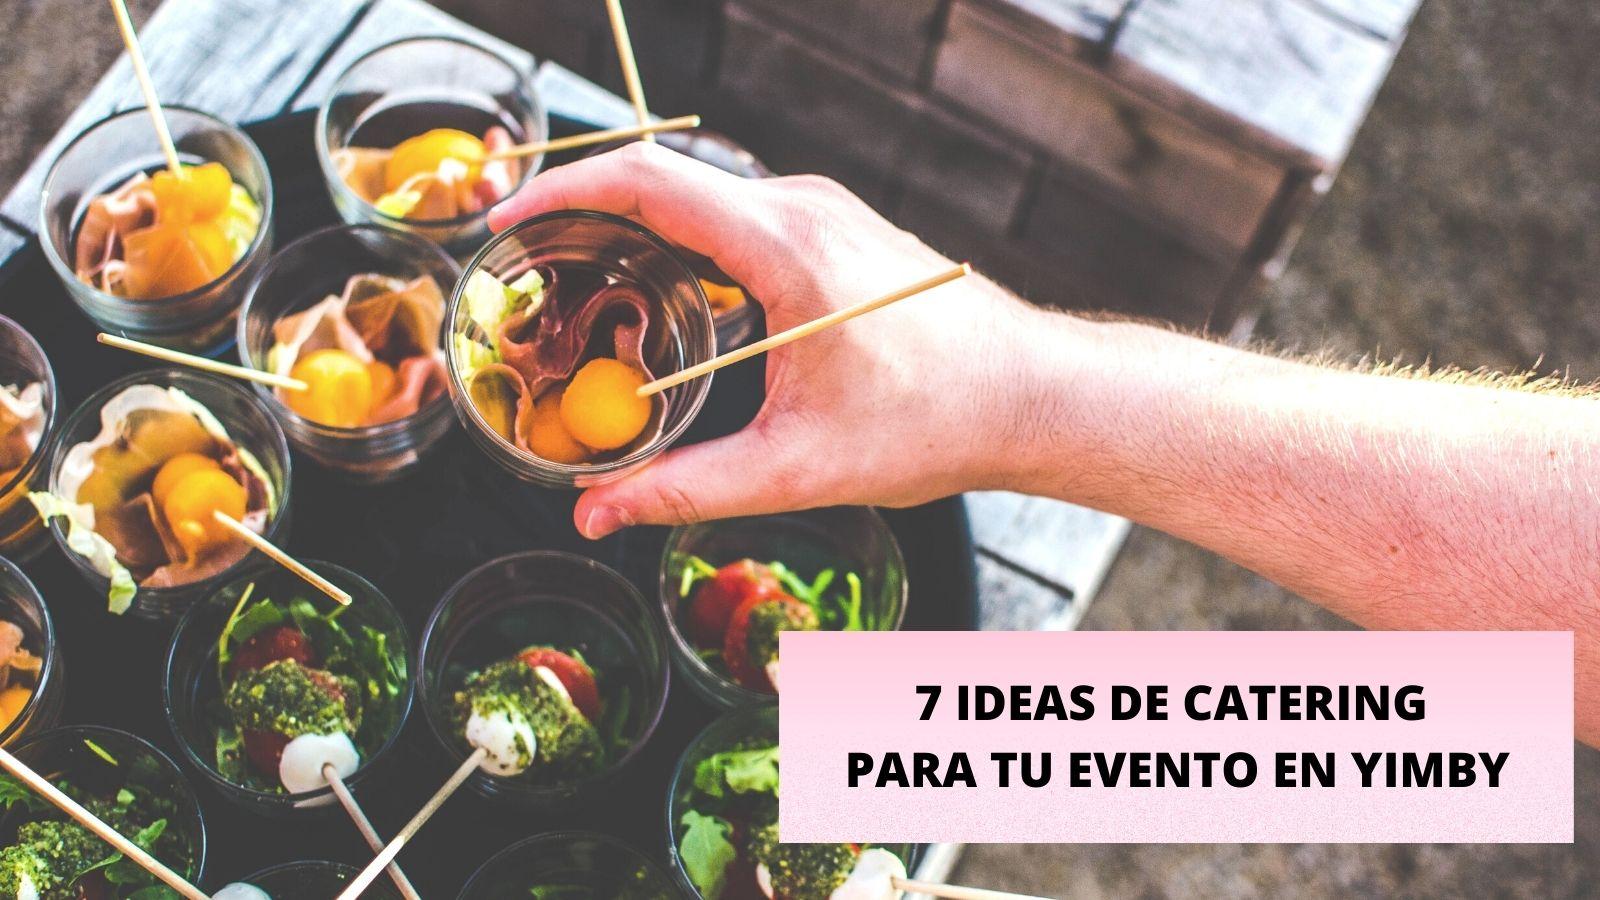 7 IDEAS DE CATERING PARA TU EVENTO EN YIMBY